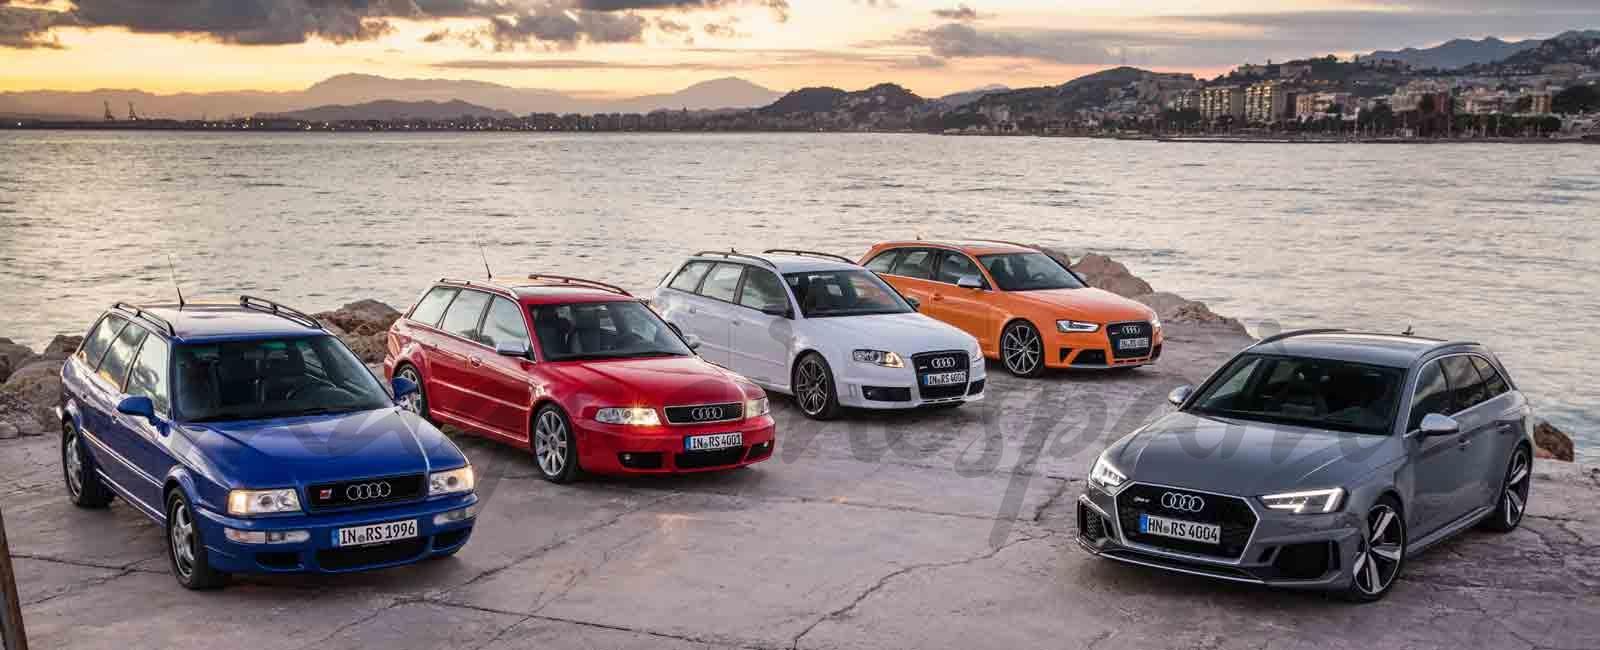 Nuevo Audi RS4 Avant, el icono del fabricante alemán de sus RS